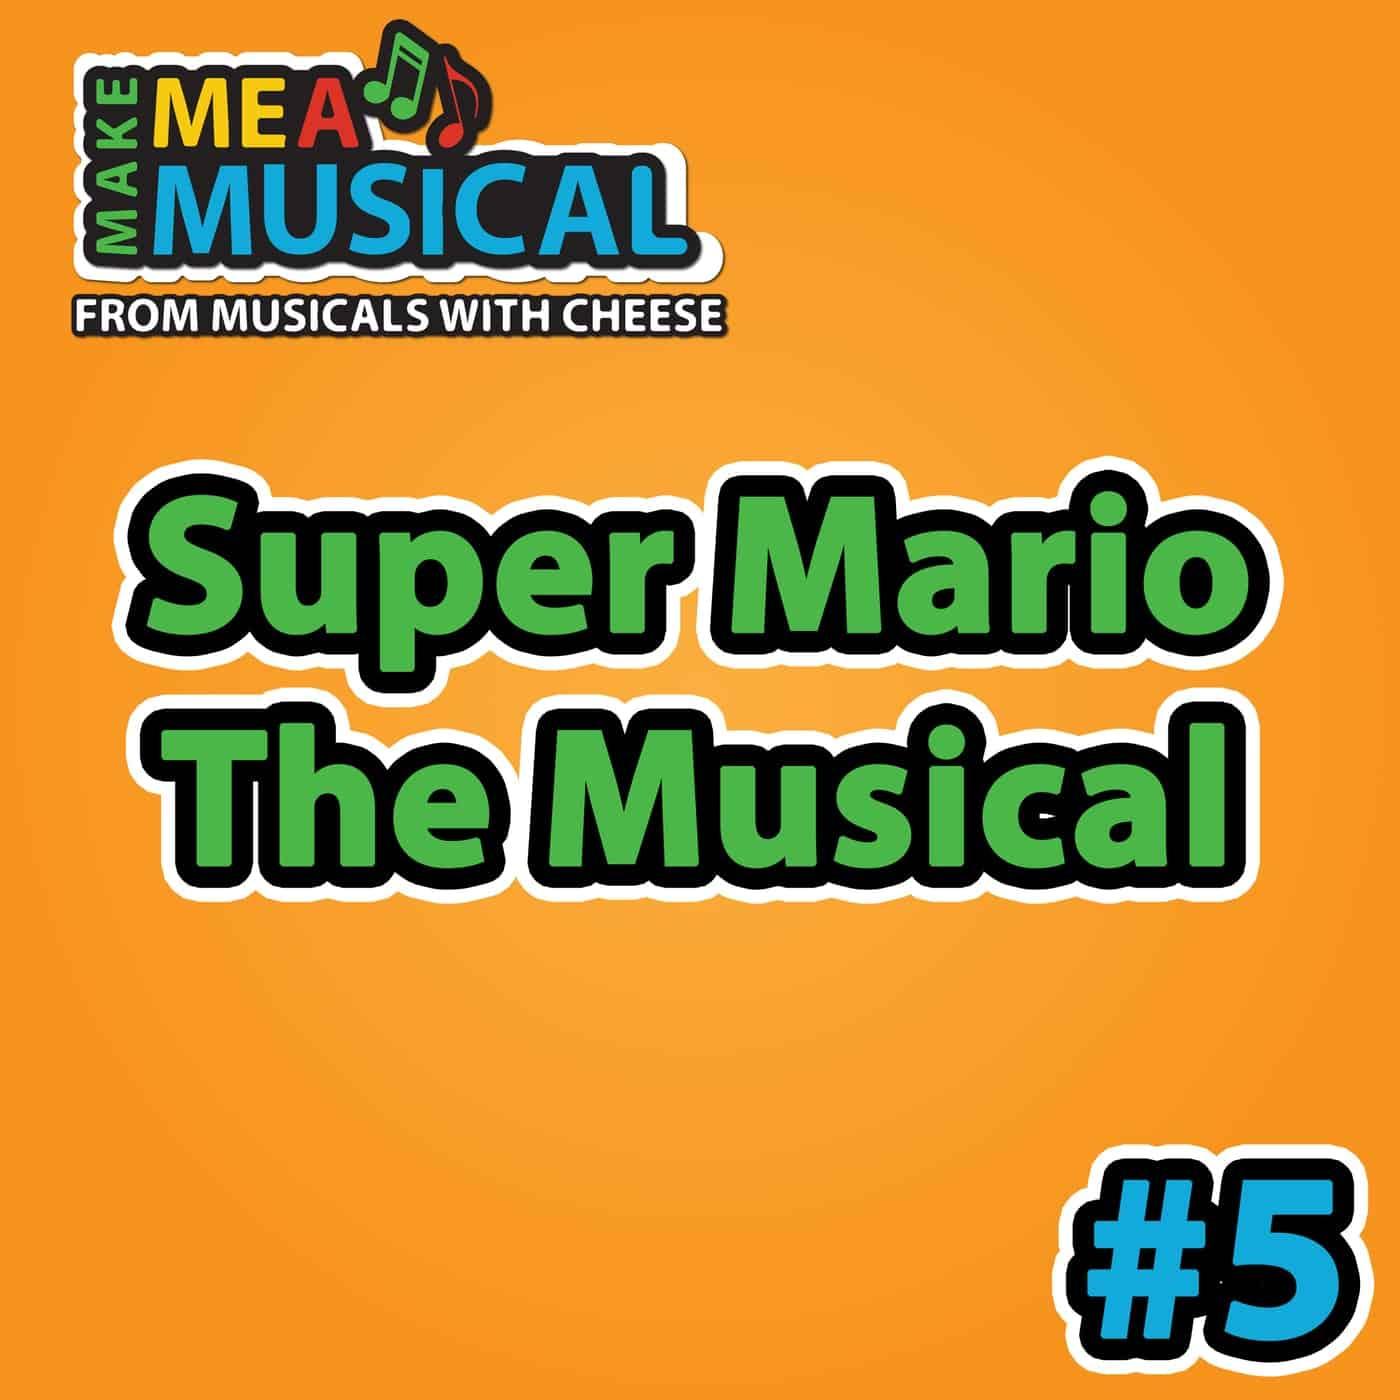 Super Mario the Musical - Make me a Musical #5